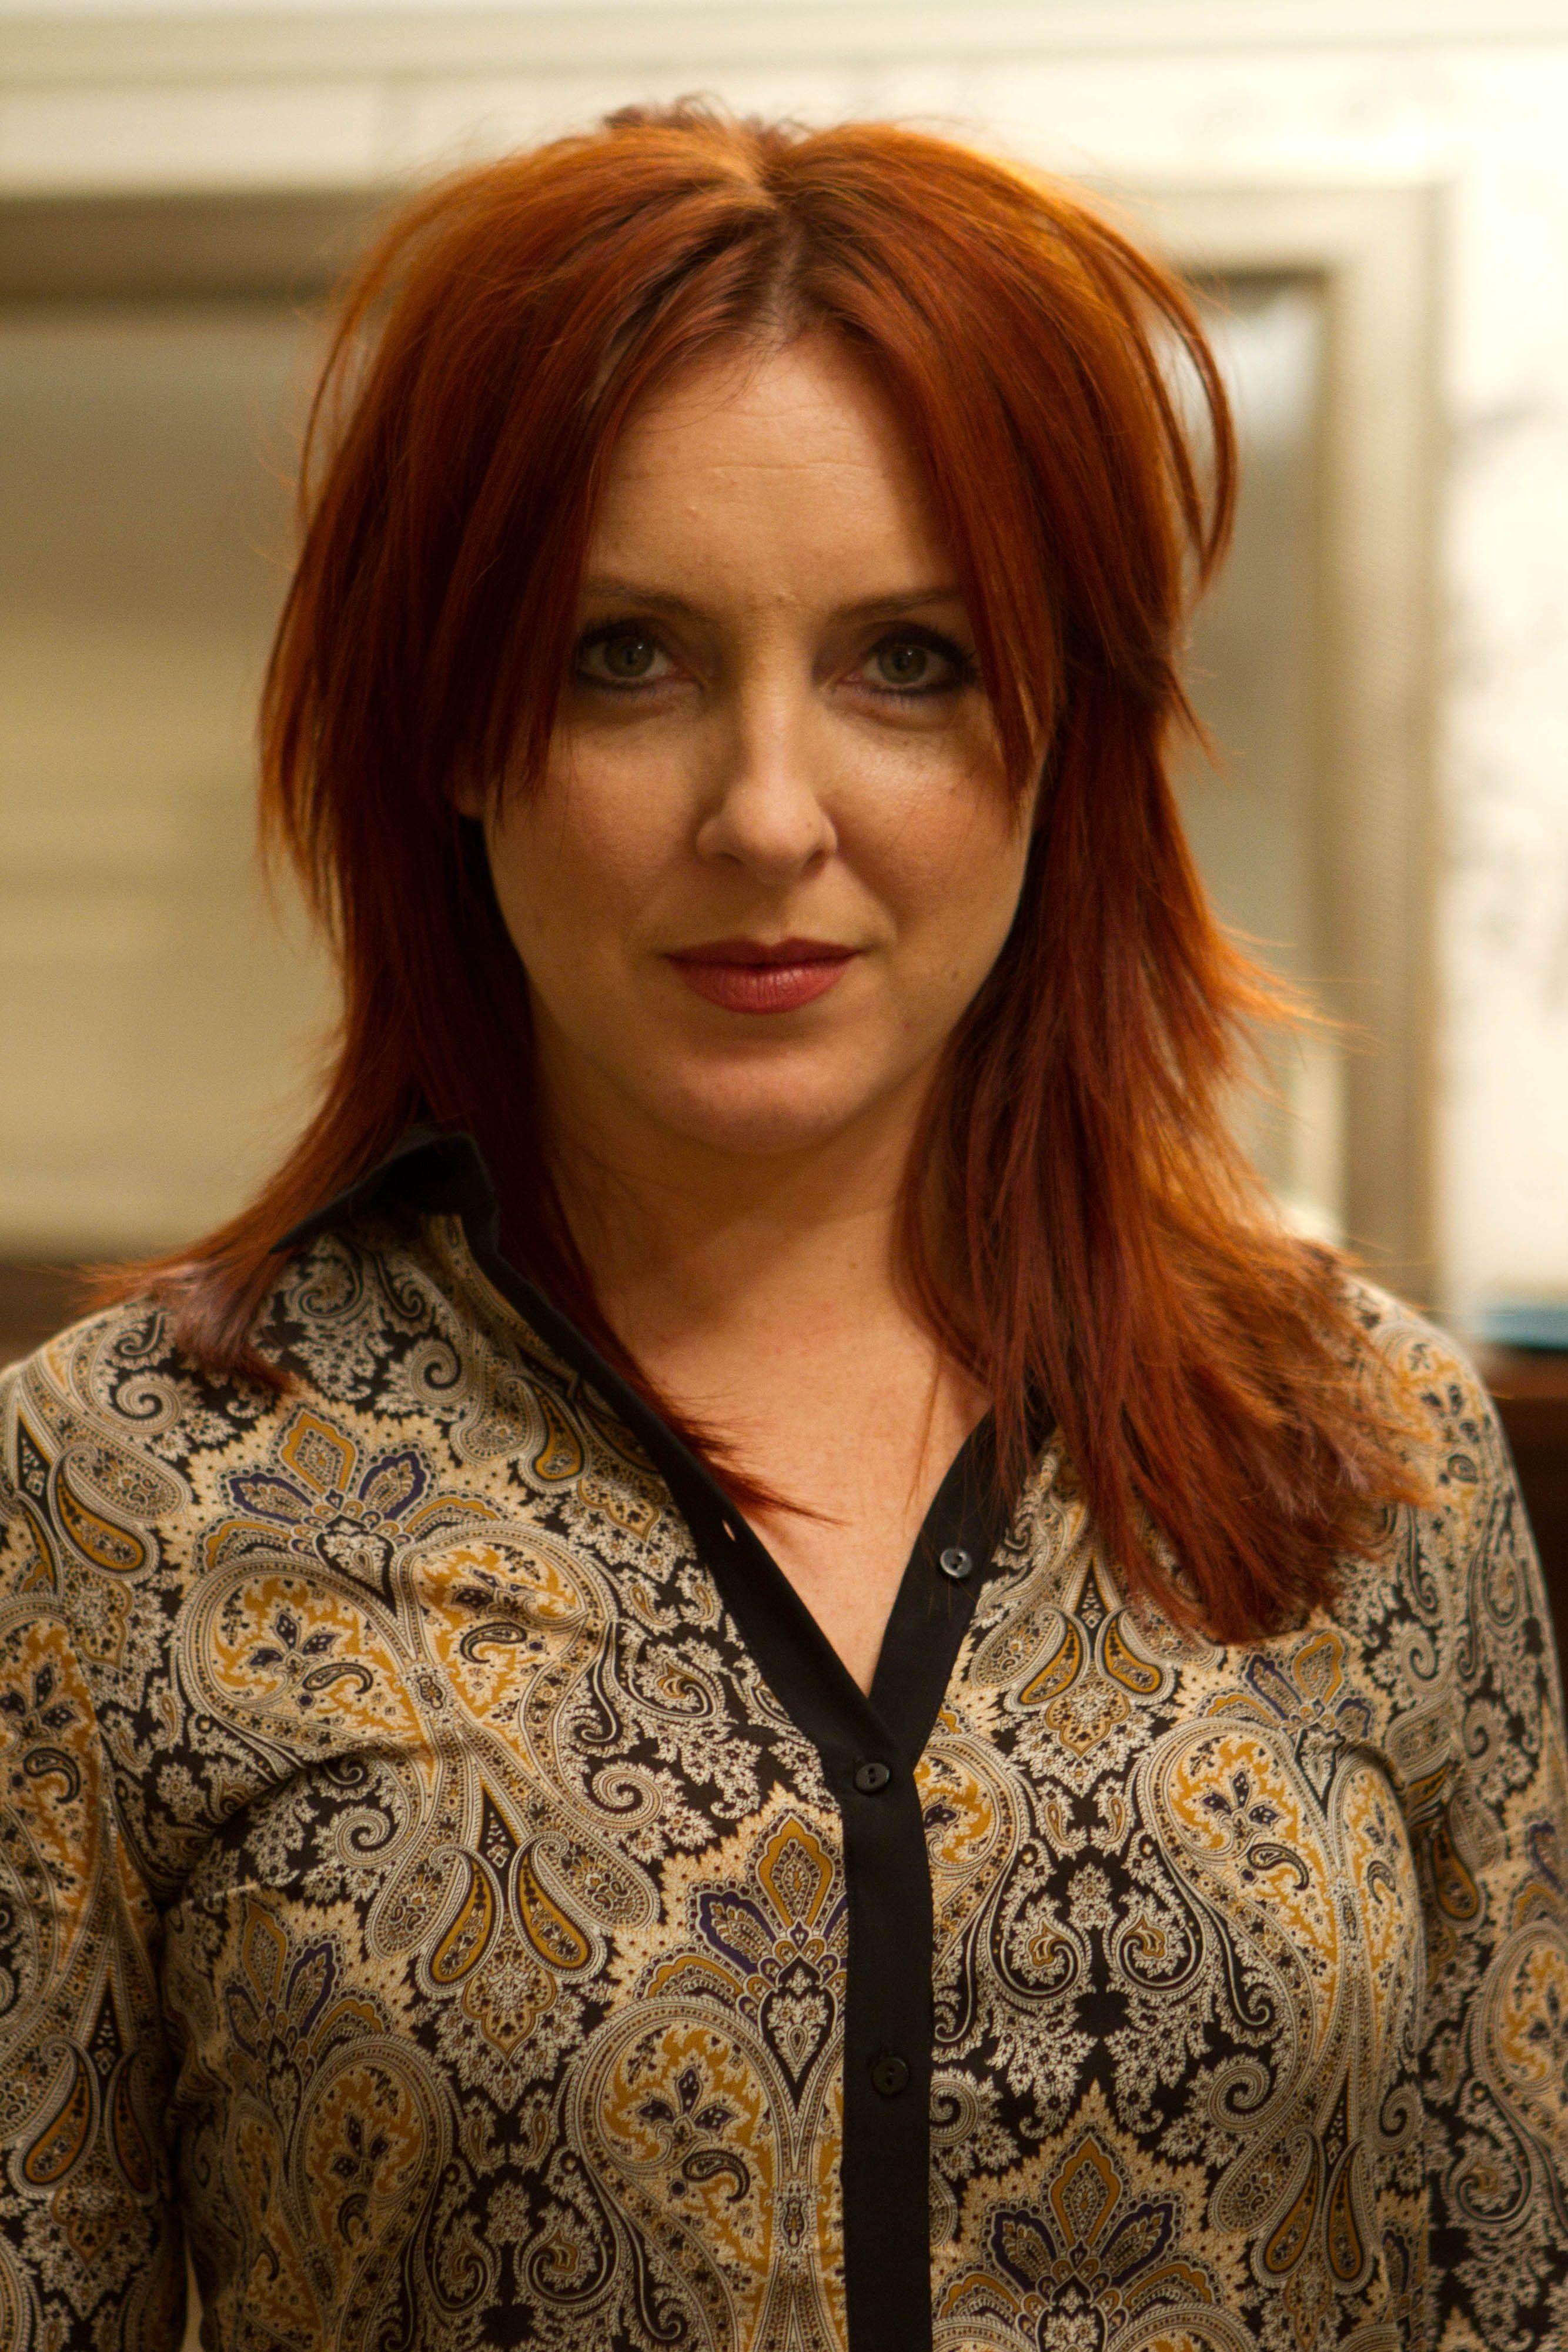 Carli Norris Carli Norris new foto